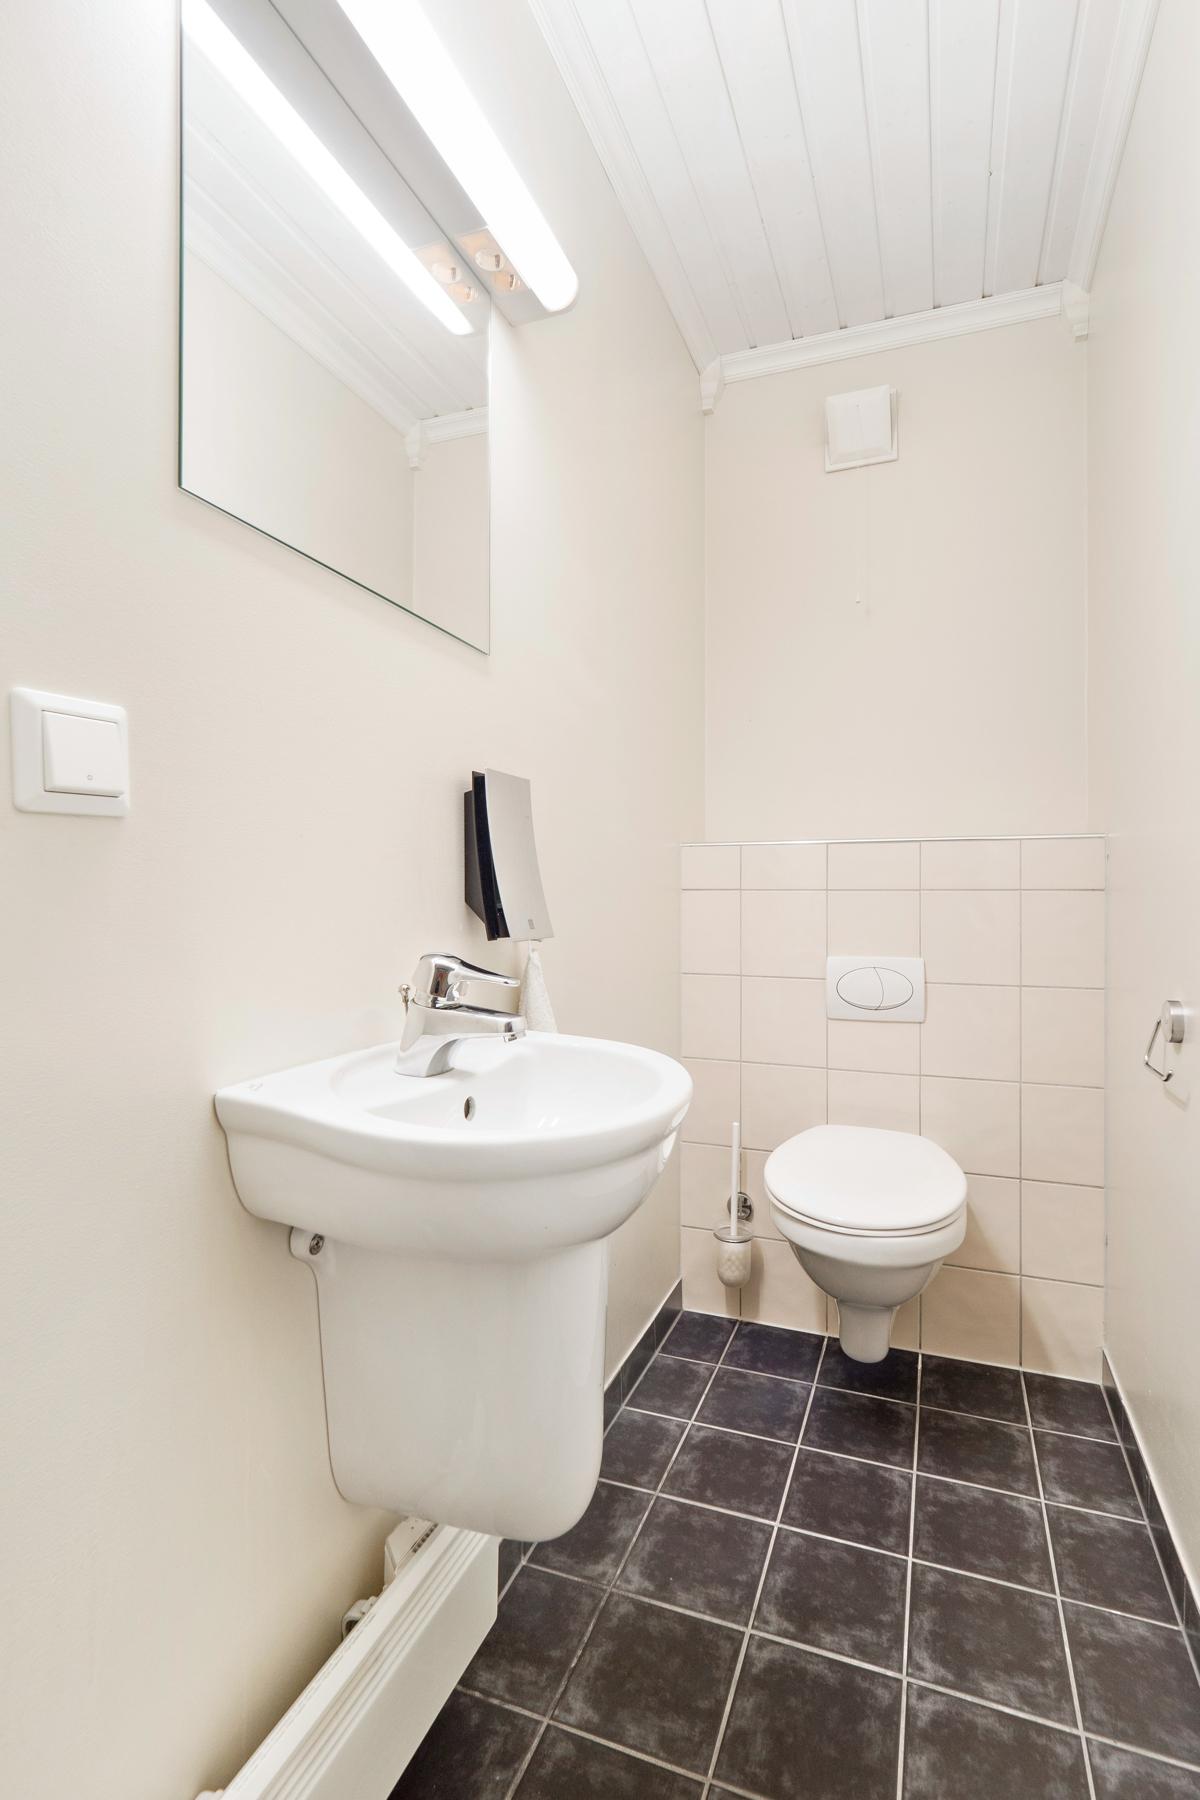 Separat toalettrom i underetasjen med wc og servant